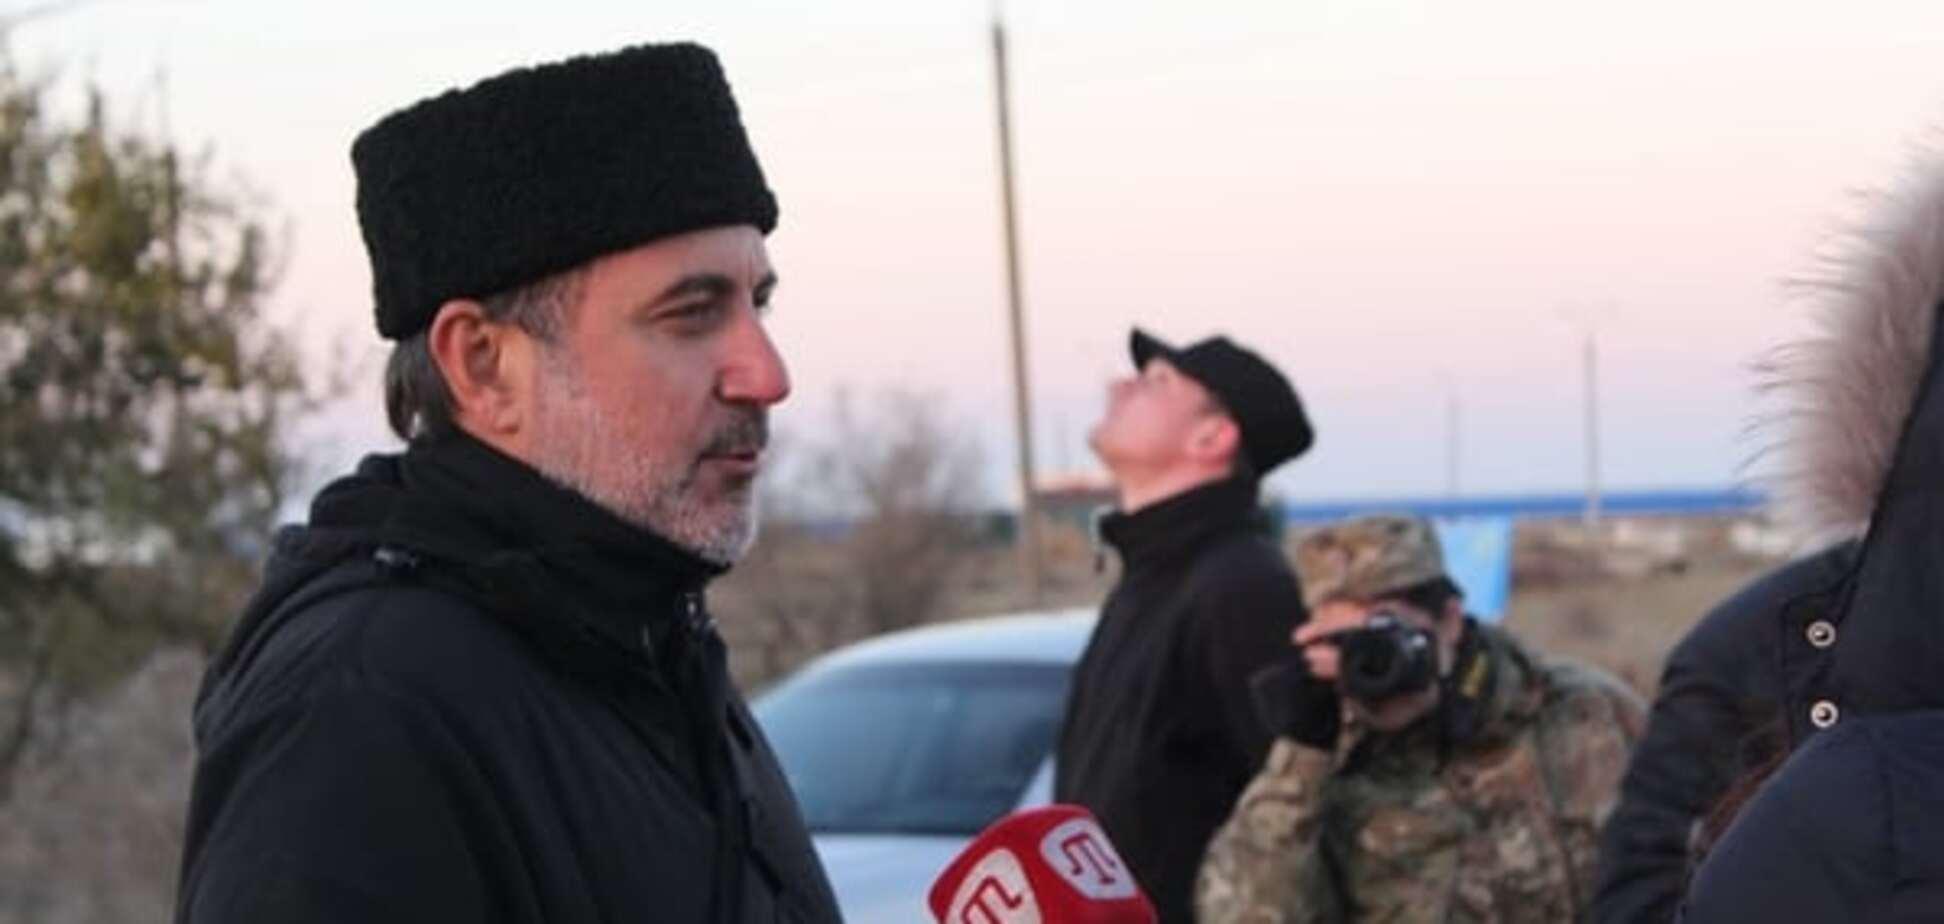 ФСБ порушила справу проти координатора блокади Криму: у нього проводять обшуки